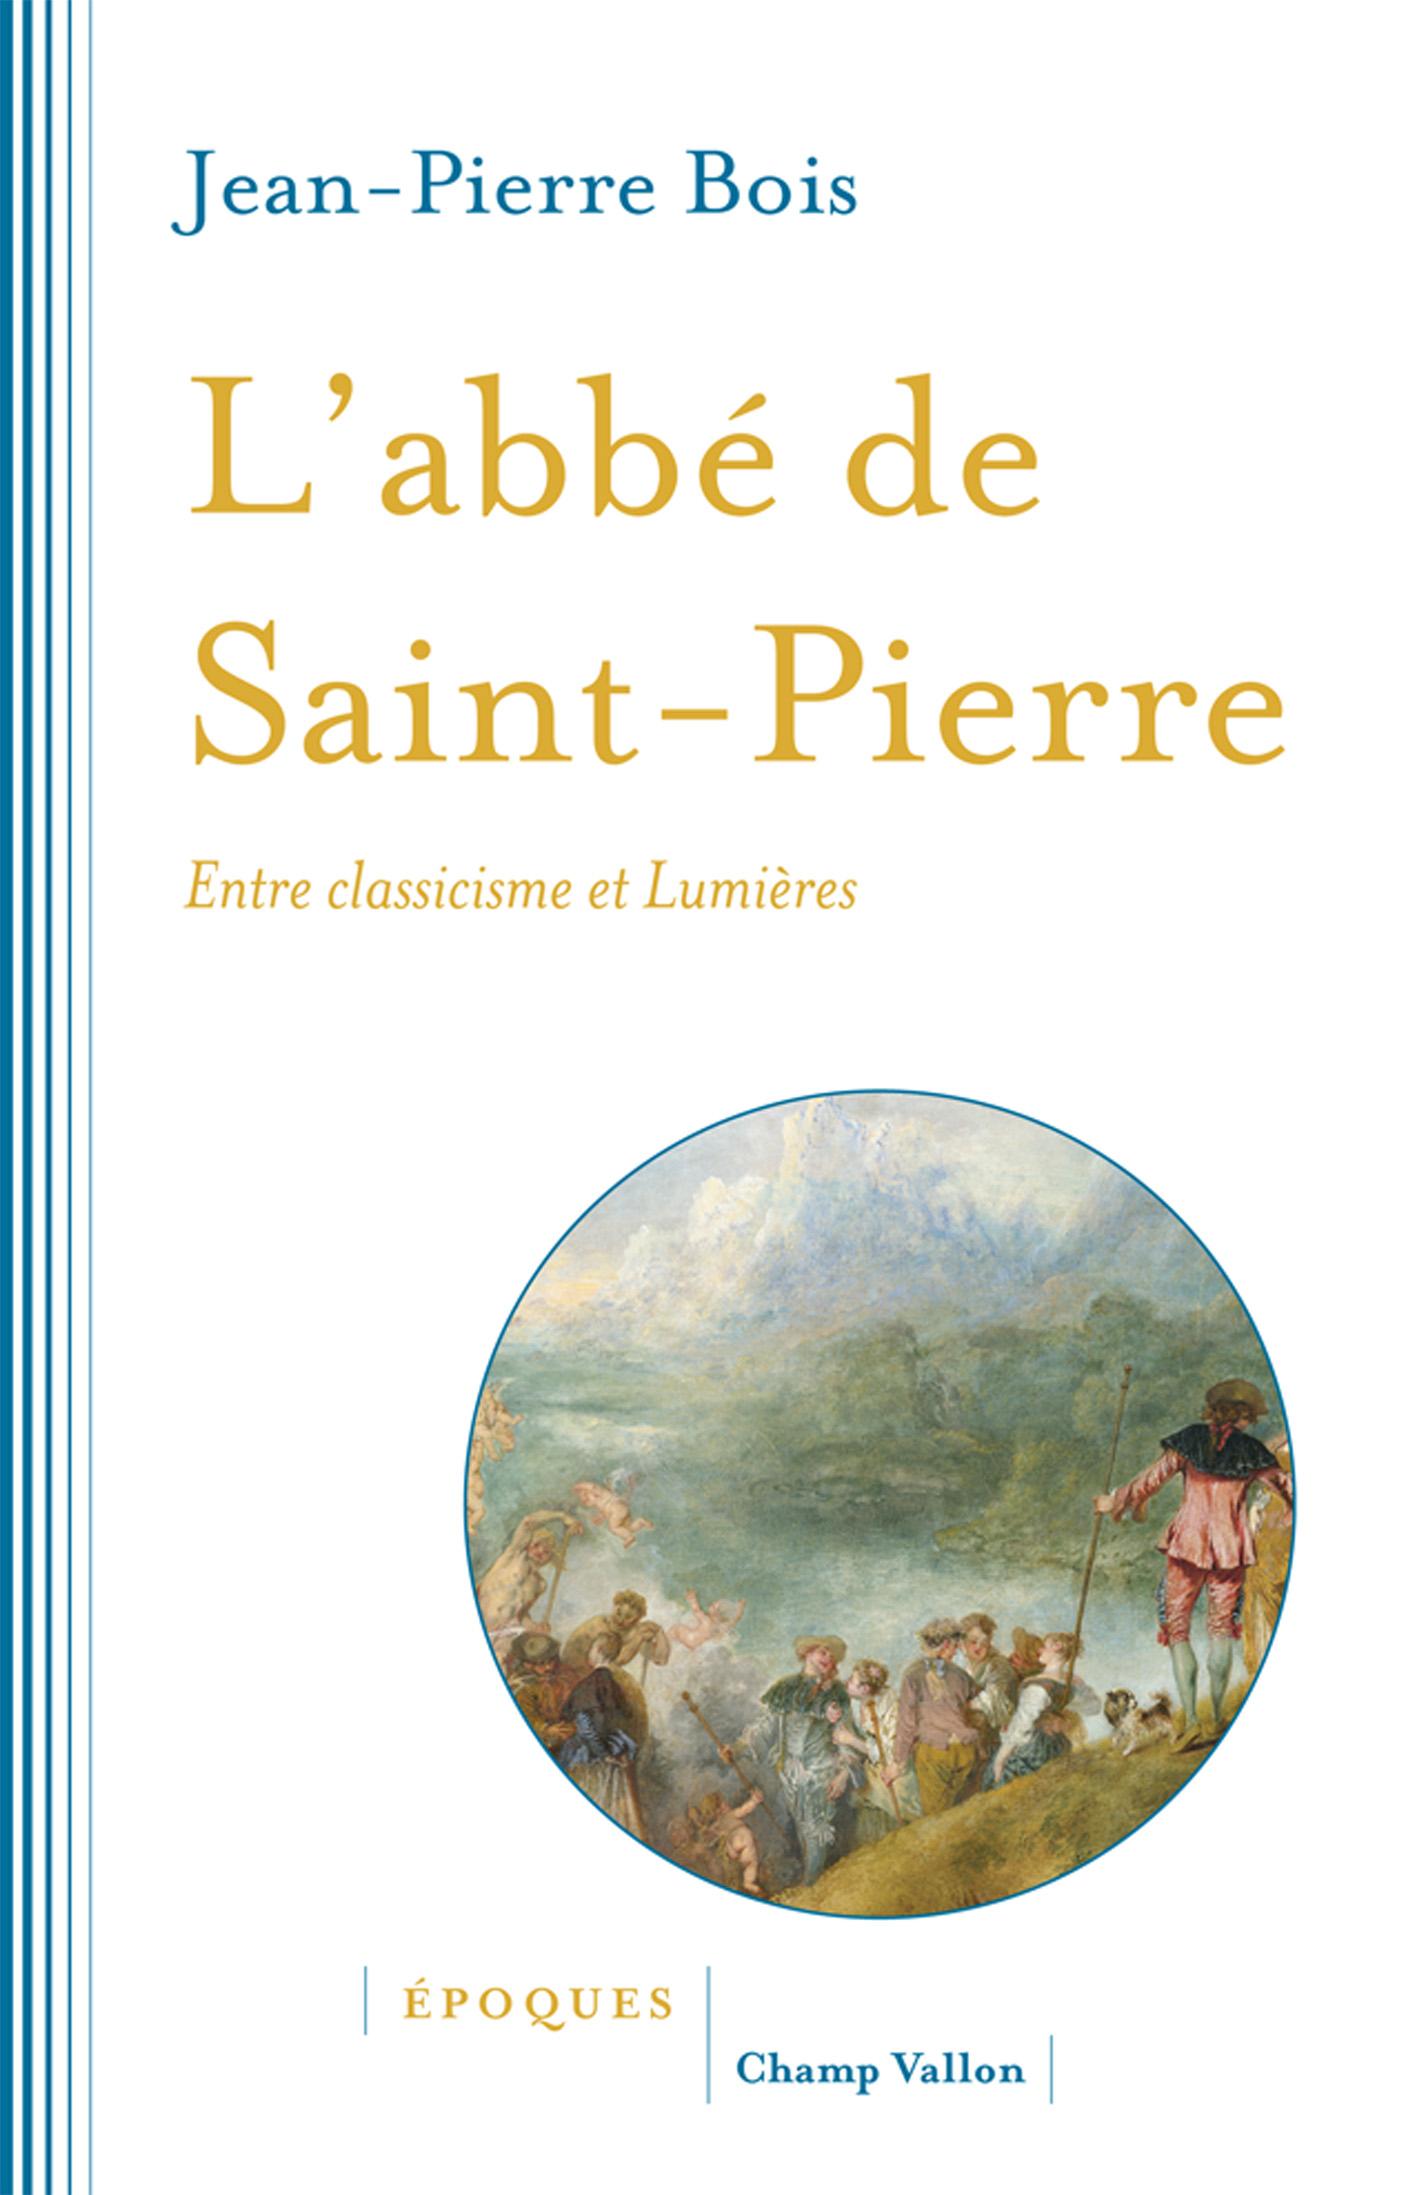 L'abbé de Saint-Pierre